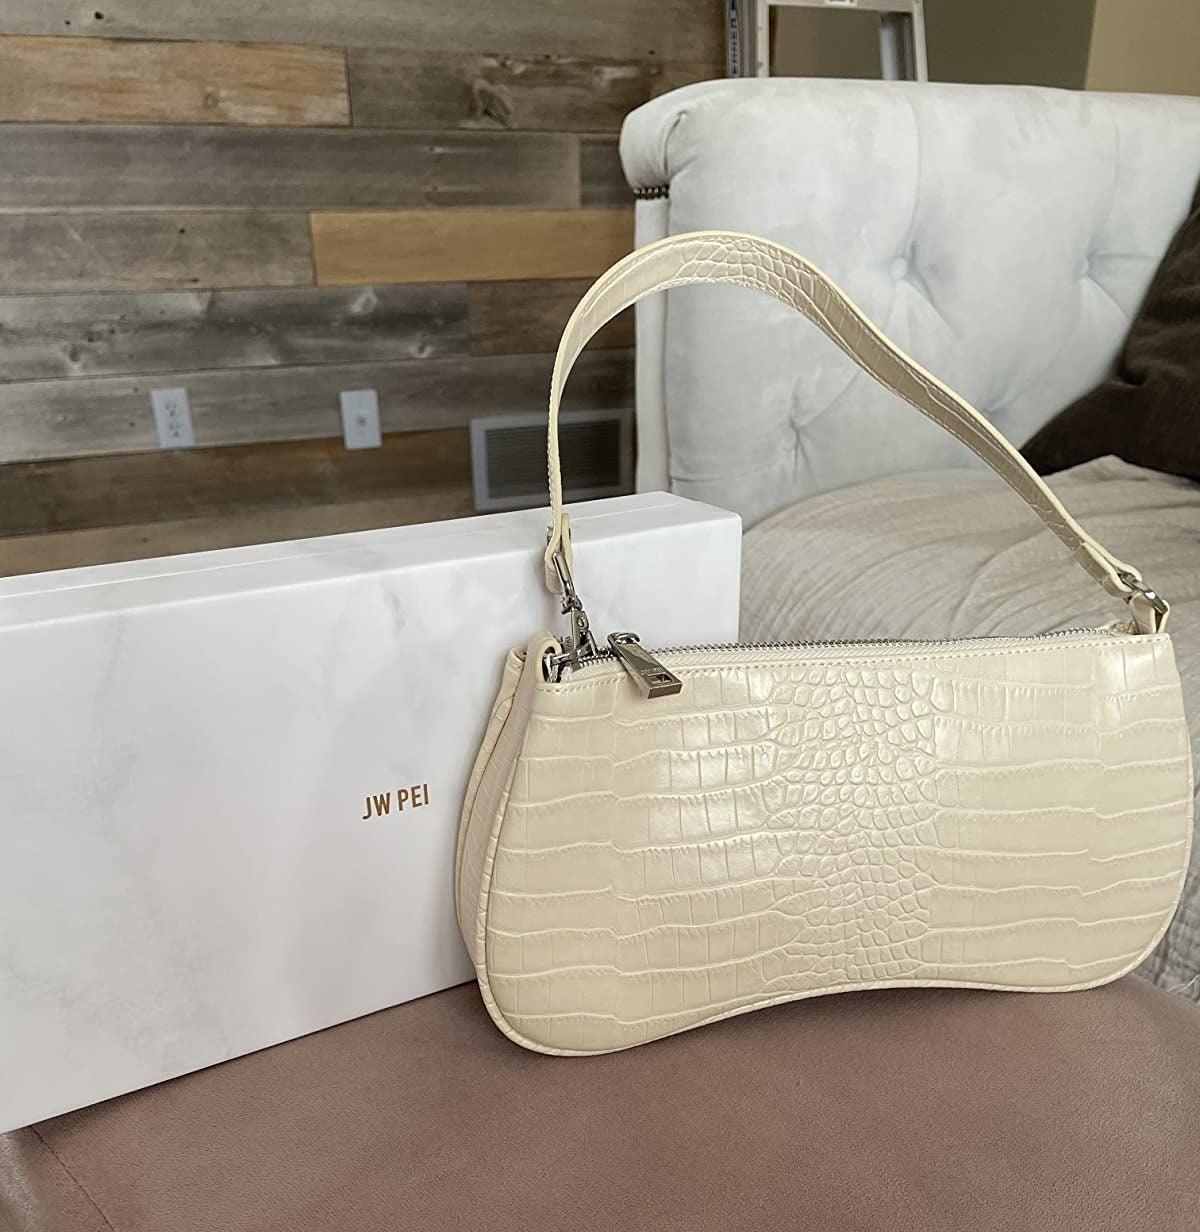 the vegan leather shoulder bag in beige